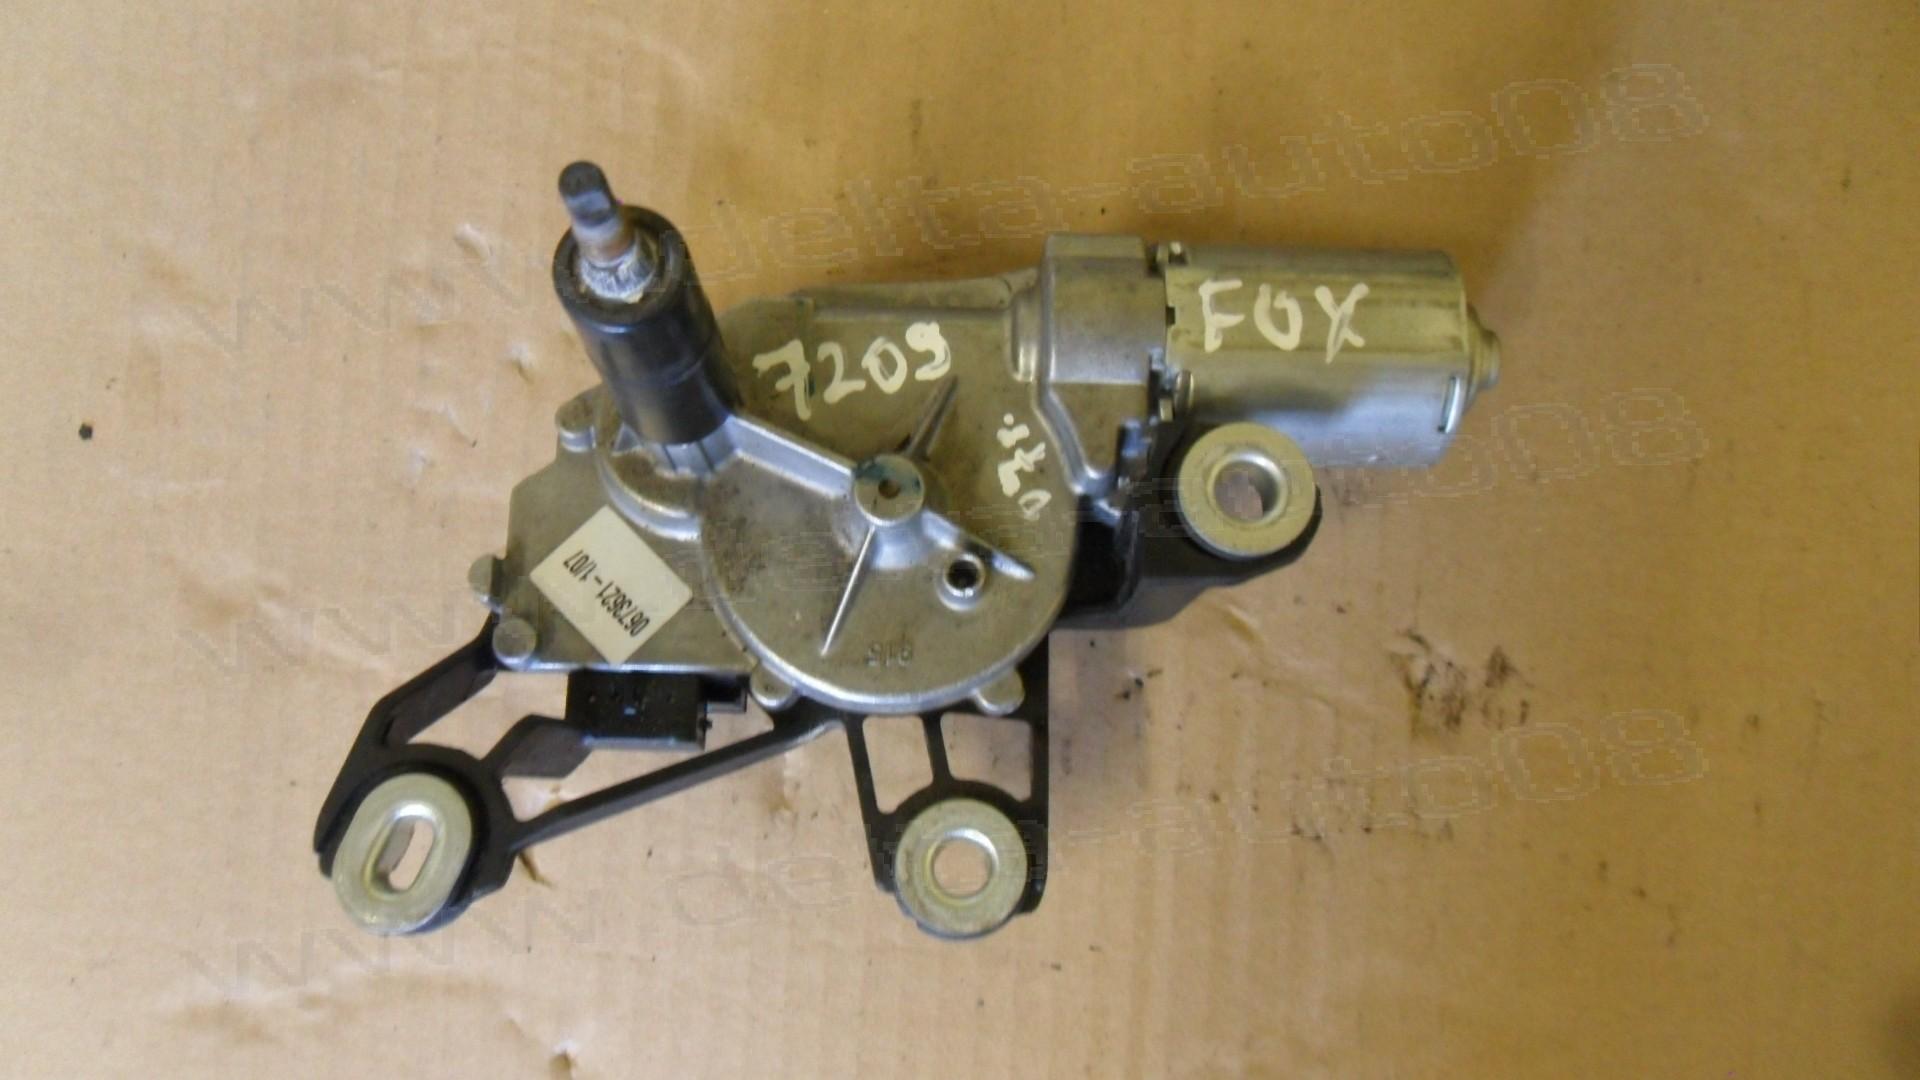 Мотор задна чистачка за VW Fox, 2003-2011г., 5Z6 955 711, 5Z6955711, F.006.B20.059, F006B20059